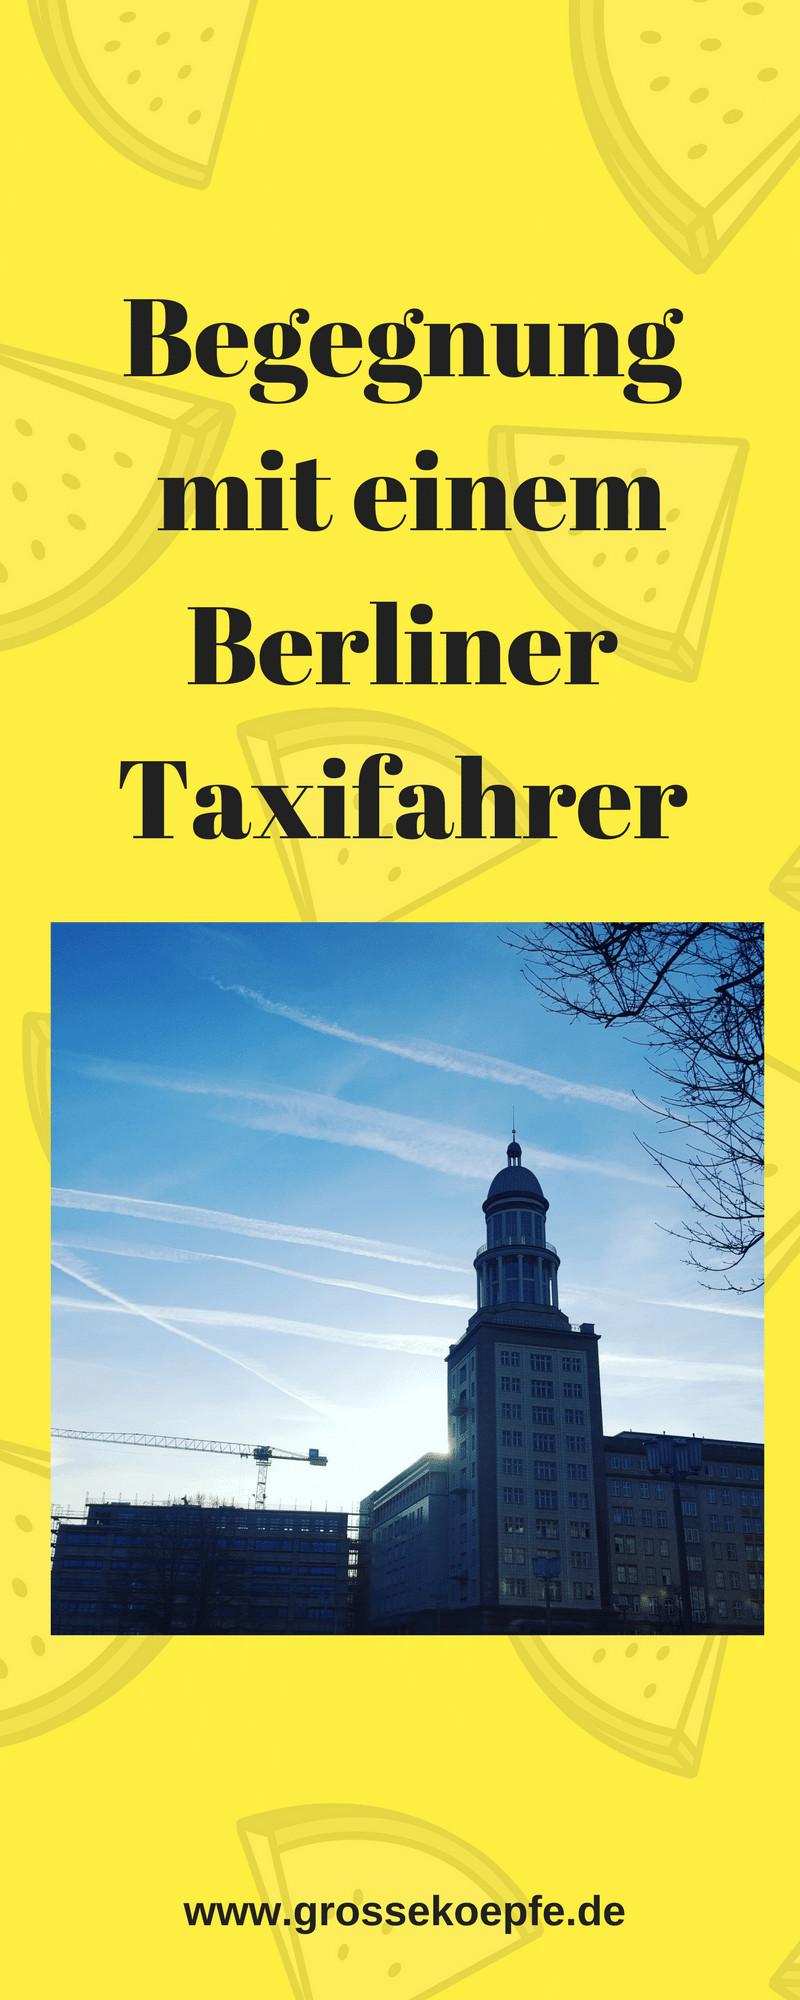 Begegnung mit einem Berliner Taxifahrer